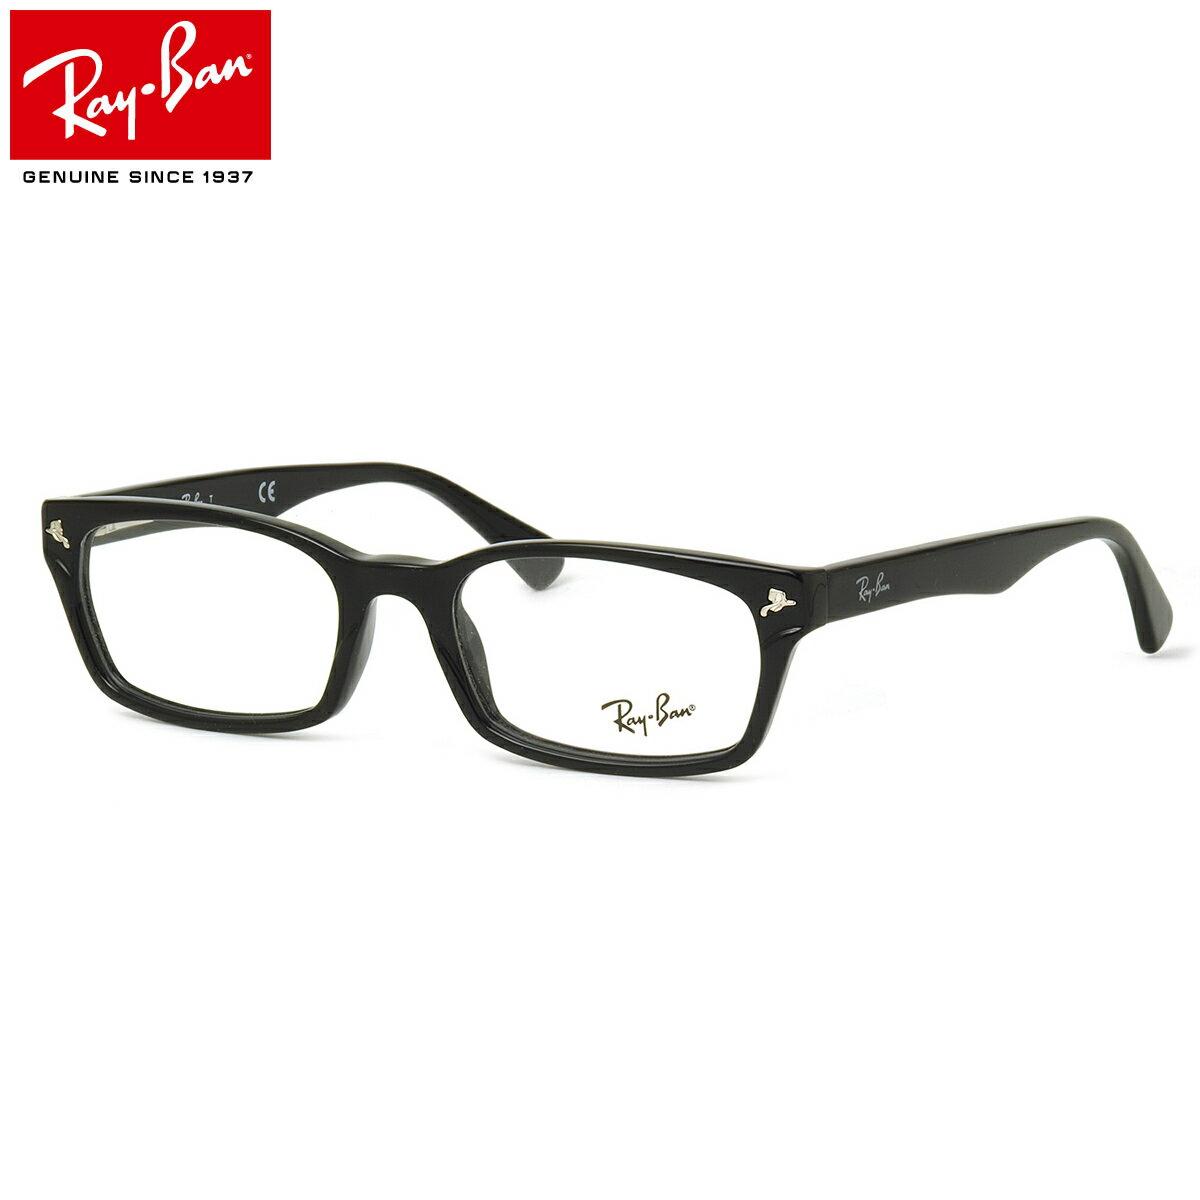 ほぼ全品ポイント15倍〜最大34倍+4倍! レイバン メガネ フレーム Ray-Ban RX5017A 2000 52サイズ 伊達メガネ フレーム 度付き レイバン RAYBAN メンズ レディース